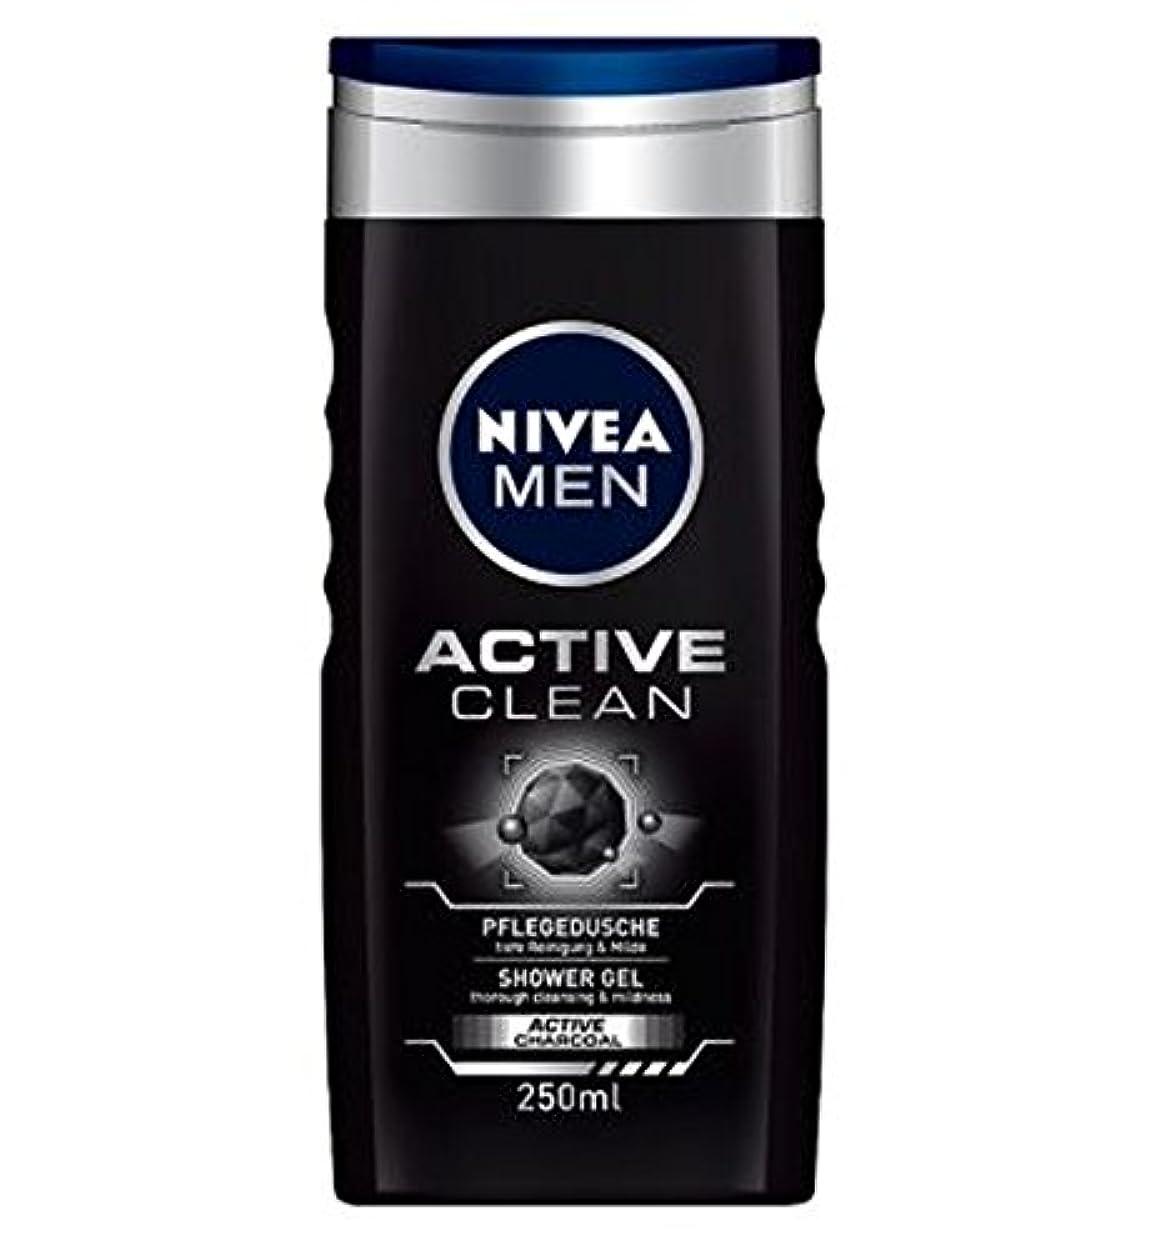 天気まぶしさ推進力NIVEA MEN Active Clean Shower Gel 250ml - ニベアの男性アクティブクリーンシャワージェル250ミリリットル (Nivea) [並行輸入品]